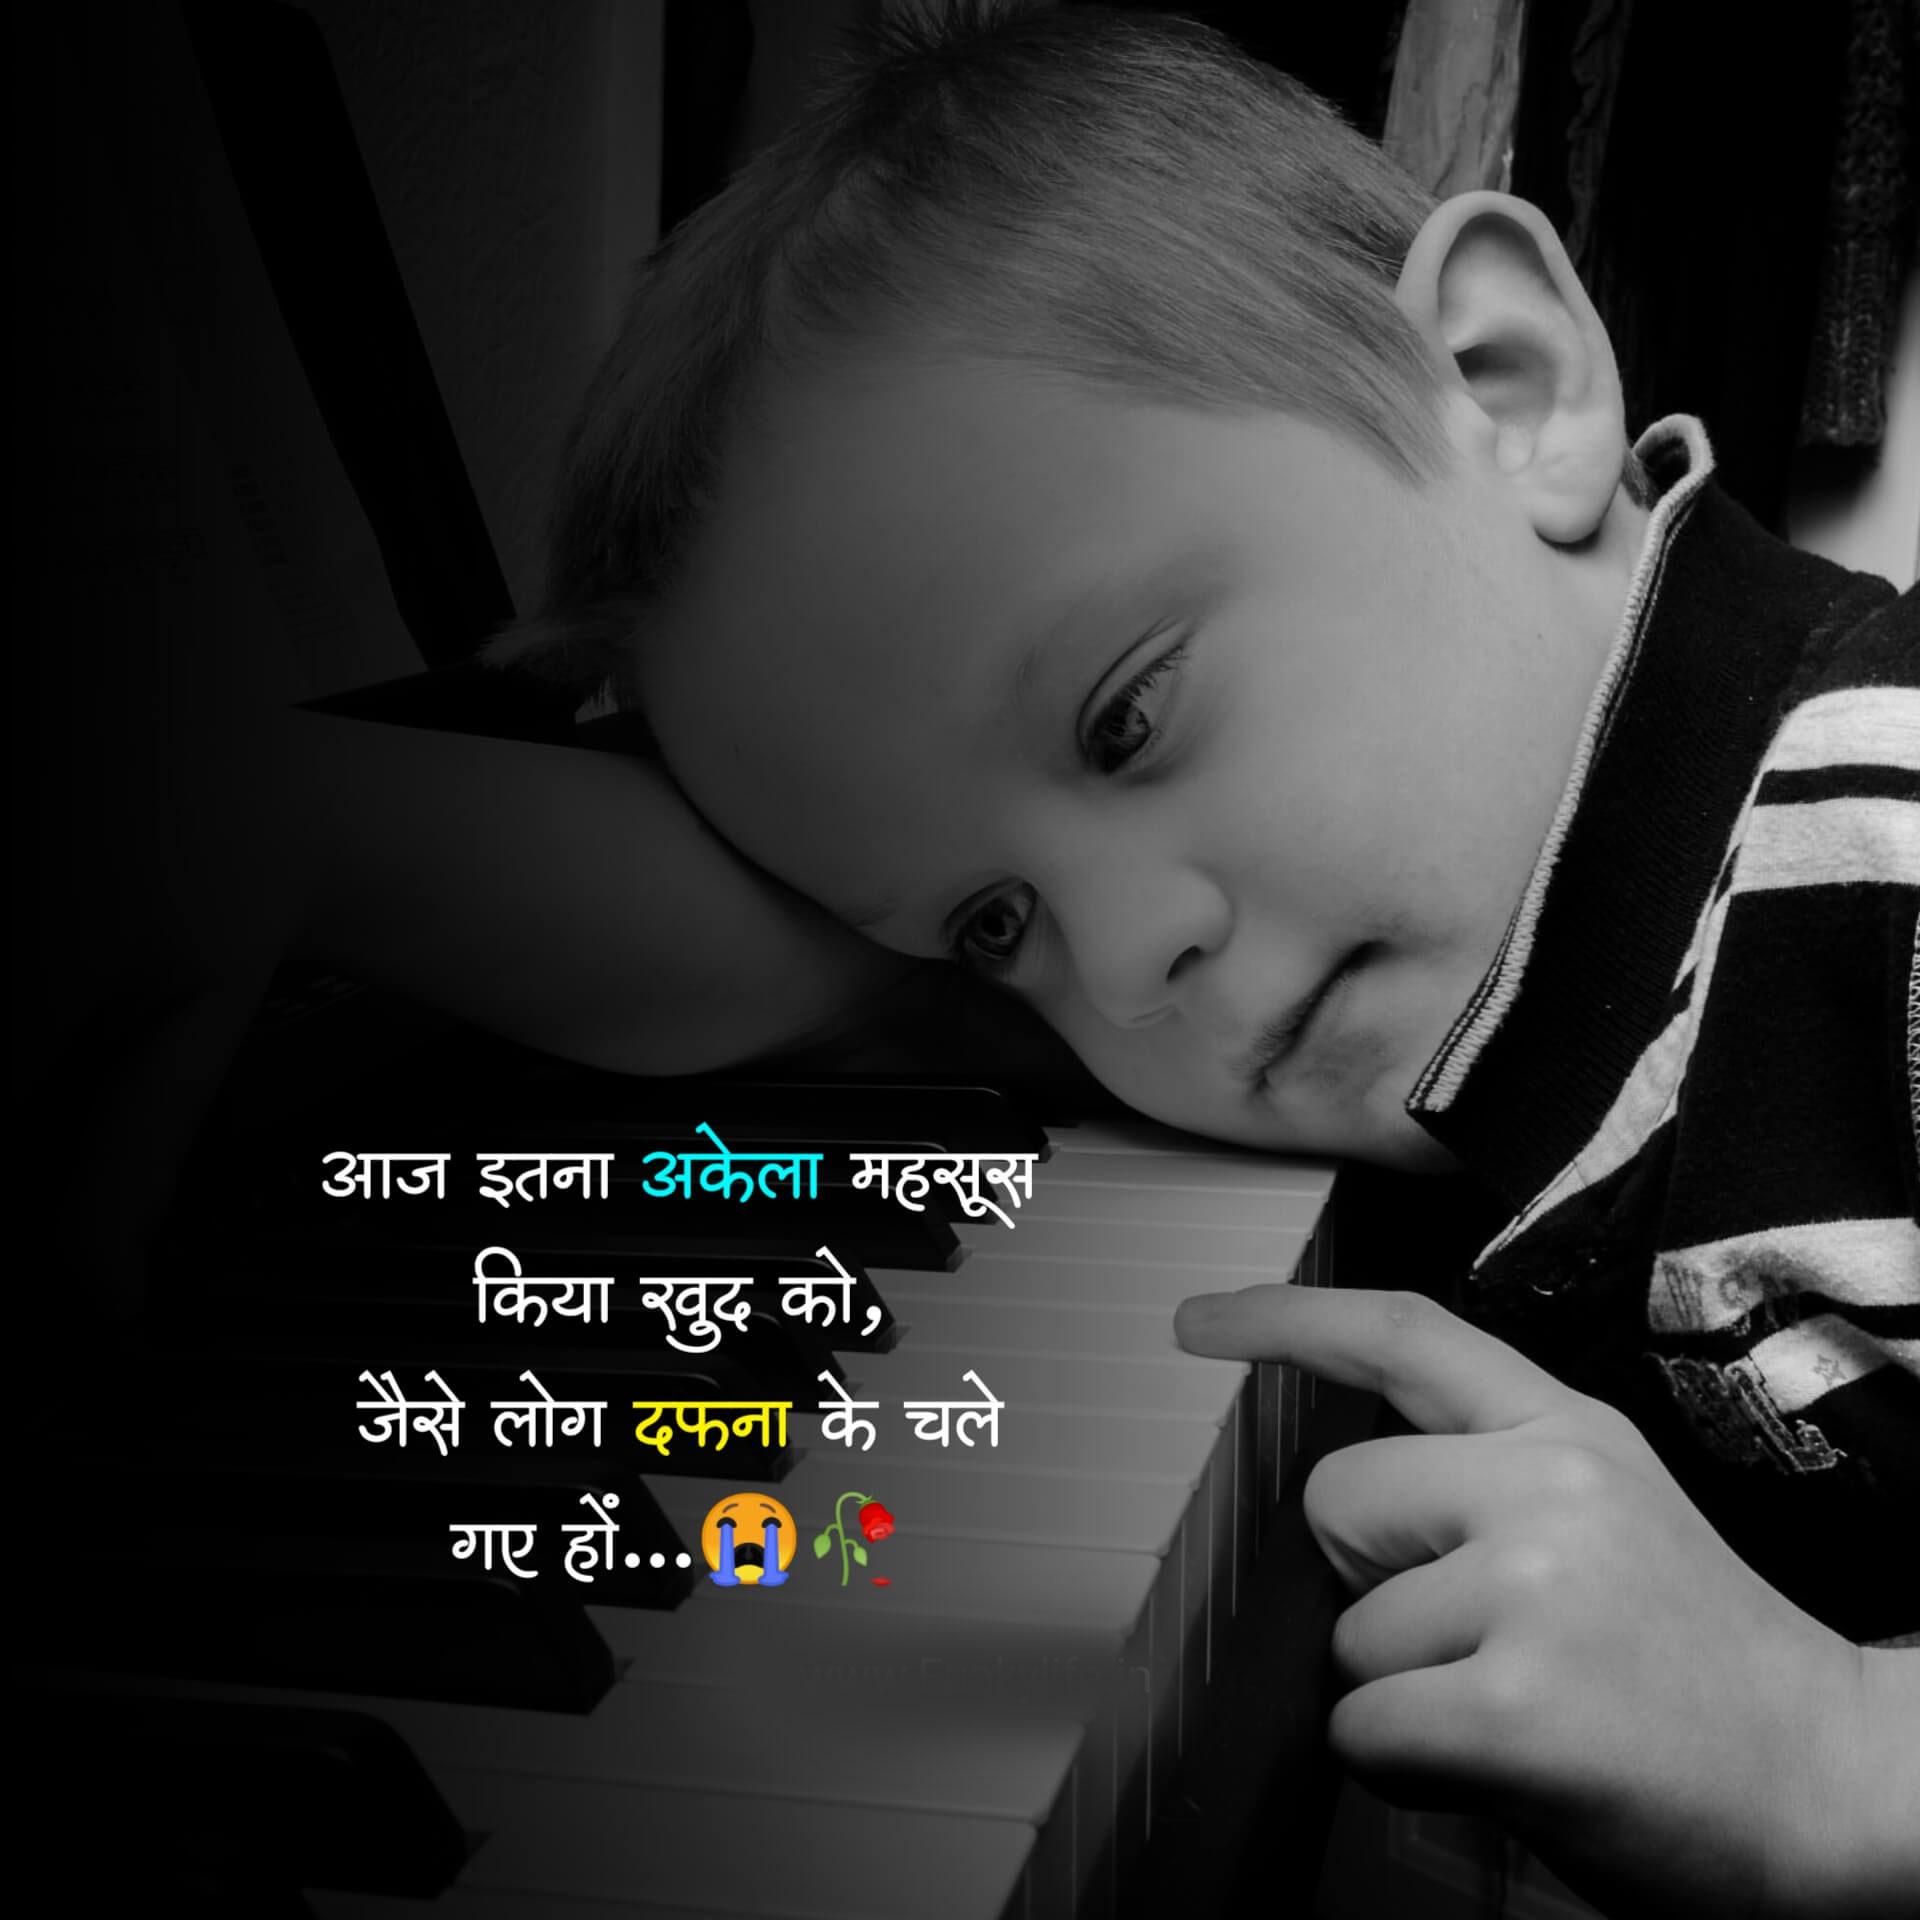 New Sad Boy Shayari Images photo